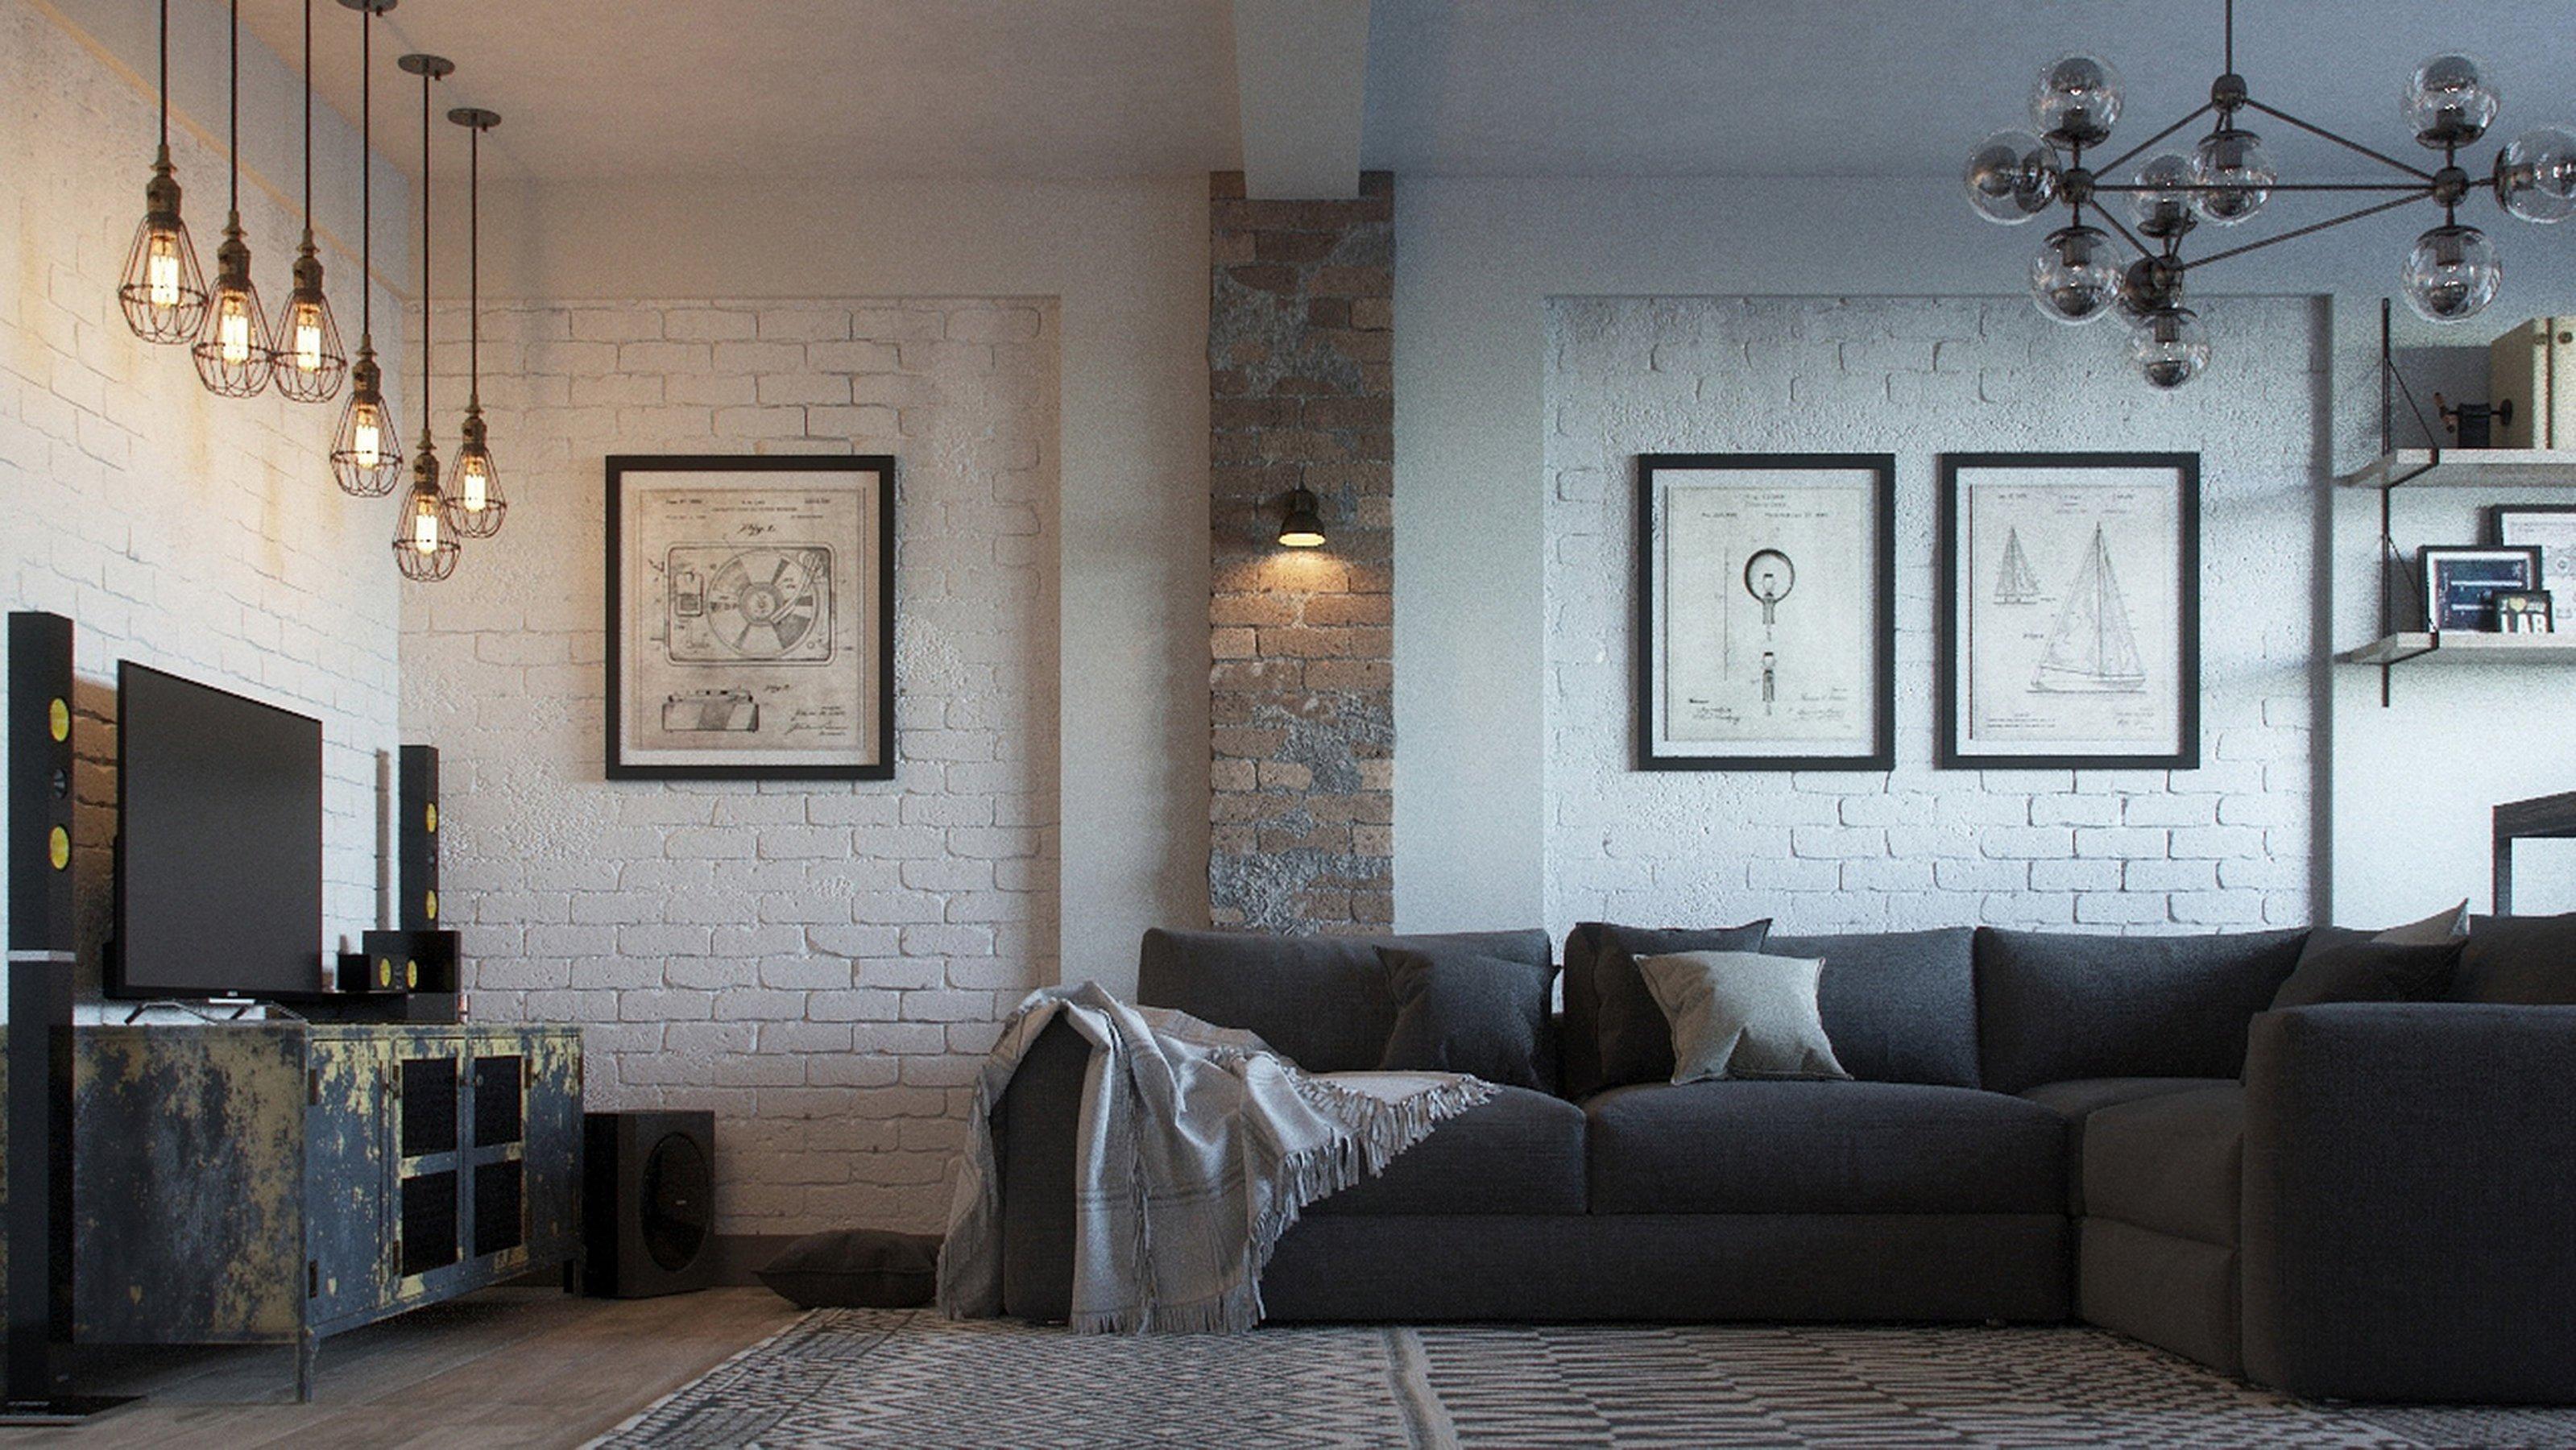 Светильники в стиле лофт - особенности стиля